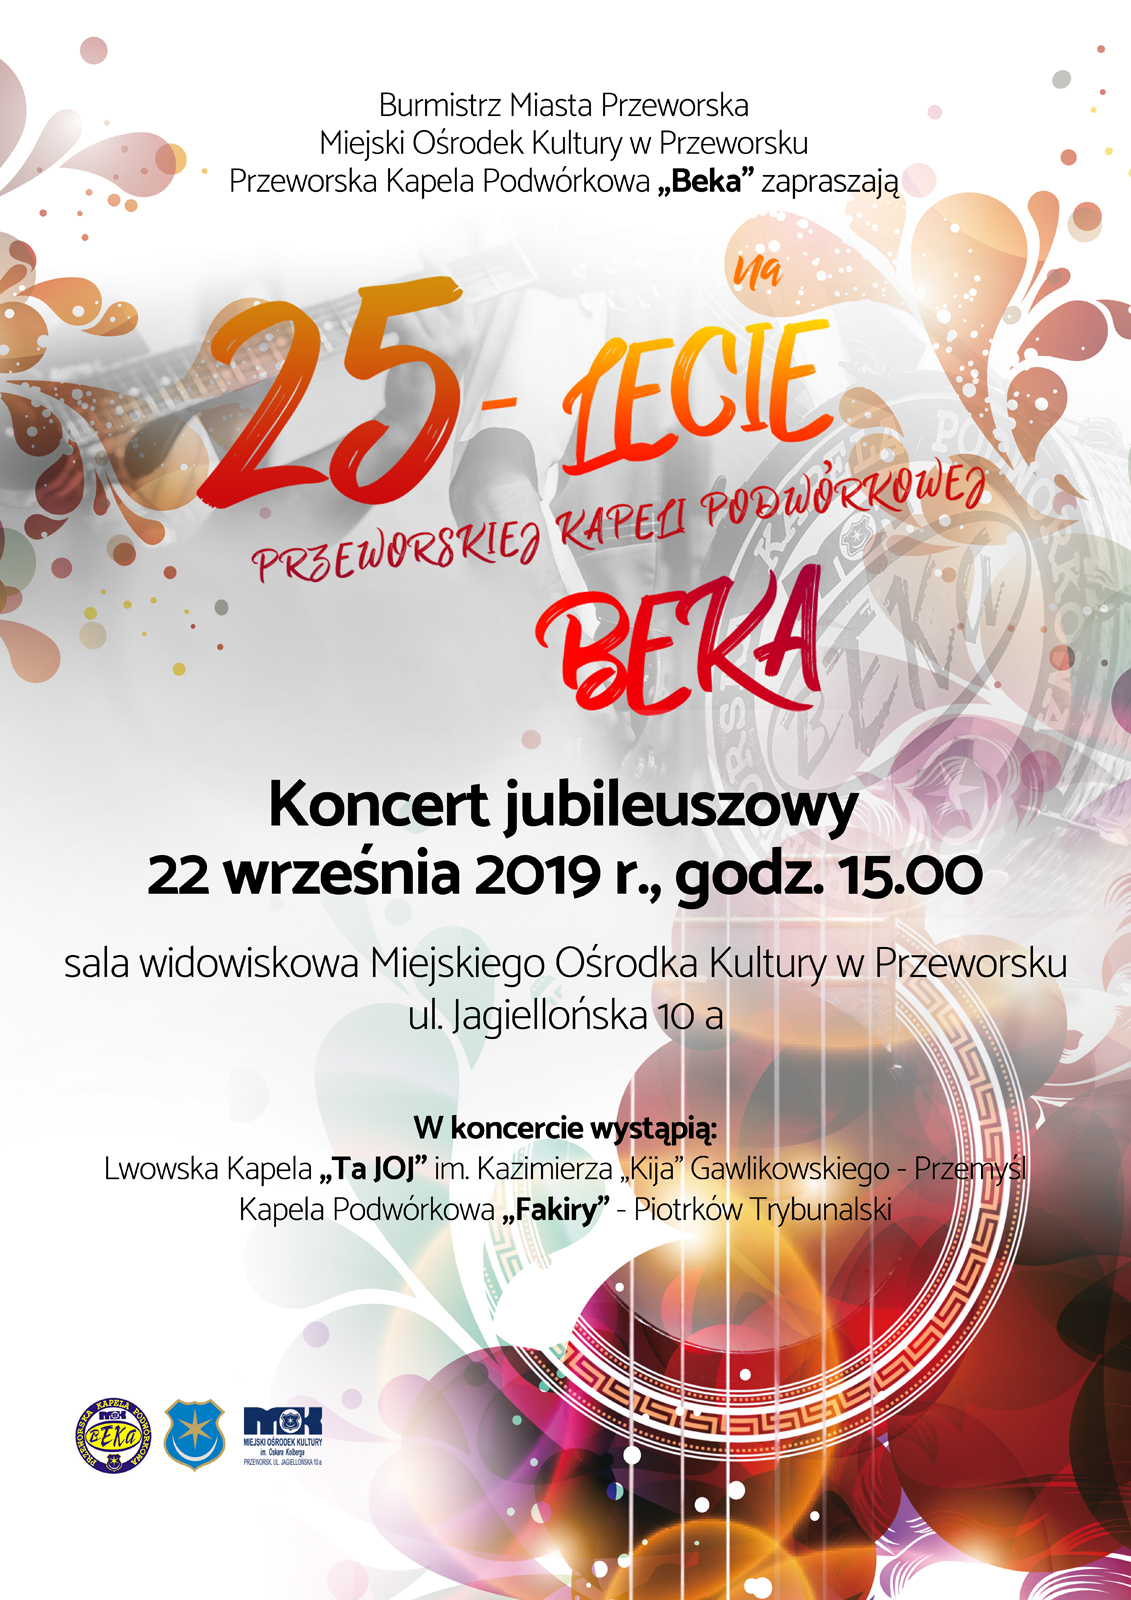 Beka 25 lecie plakat